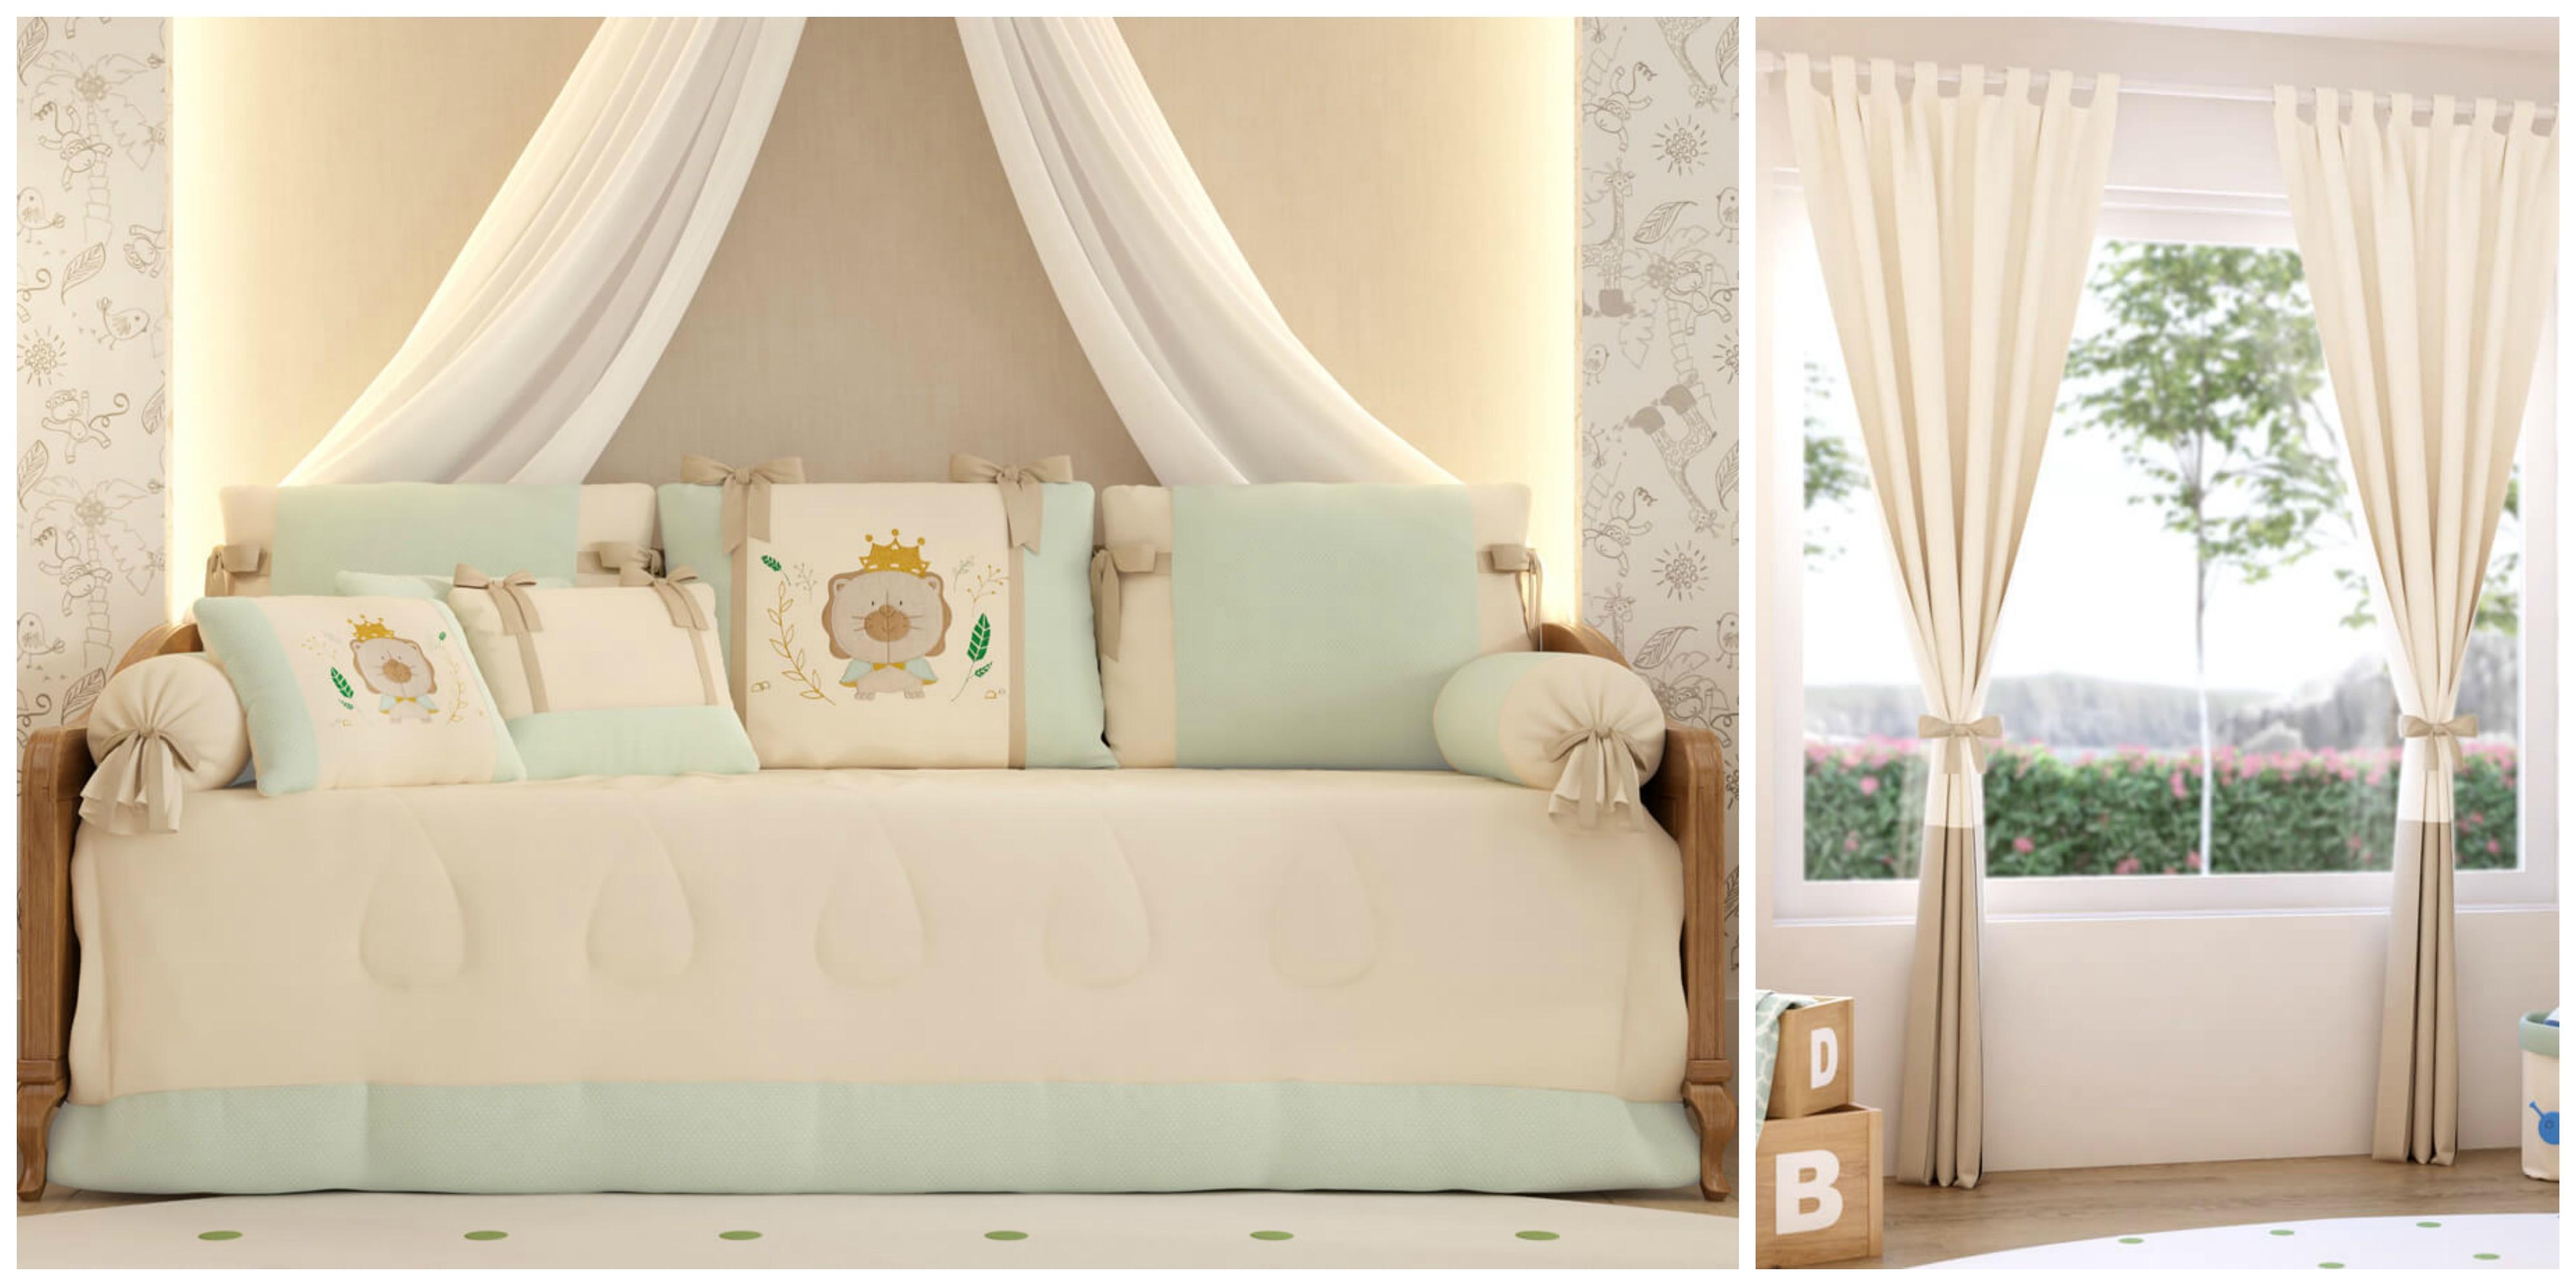 quarto leãozinho com cama e cortinas